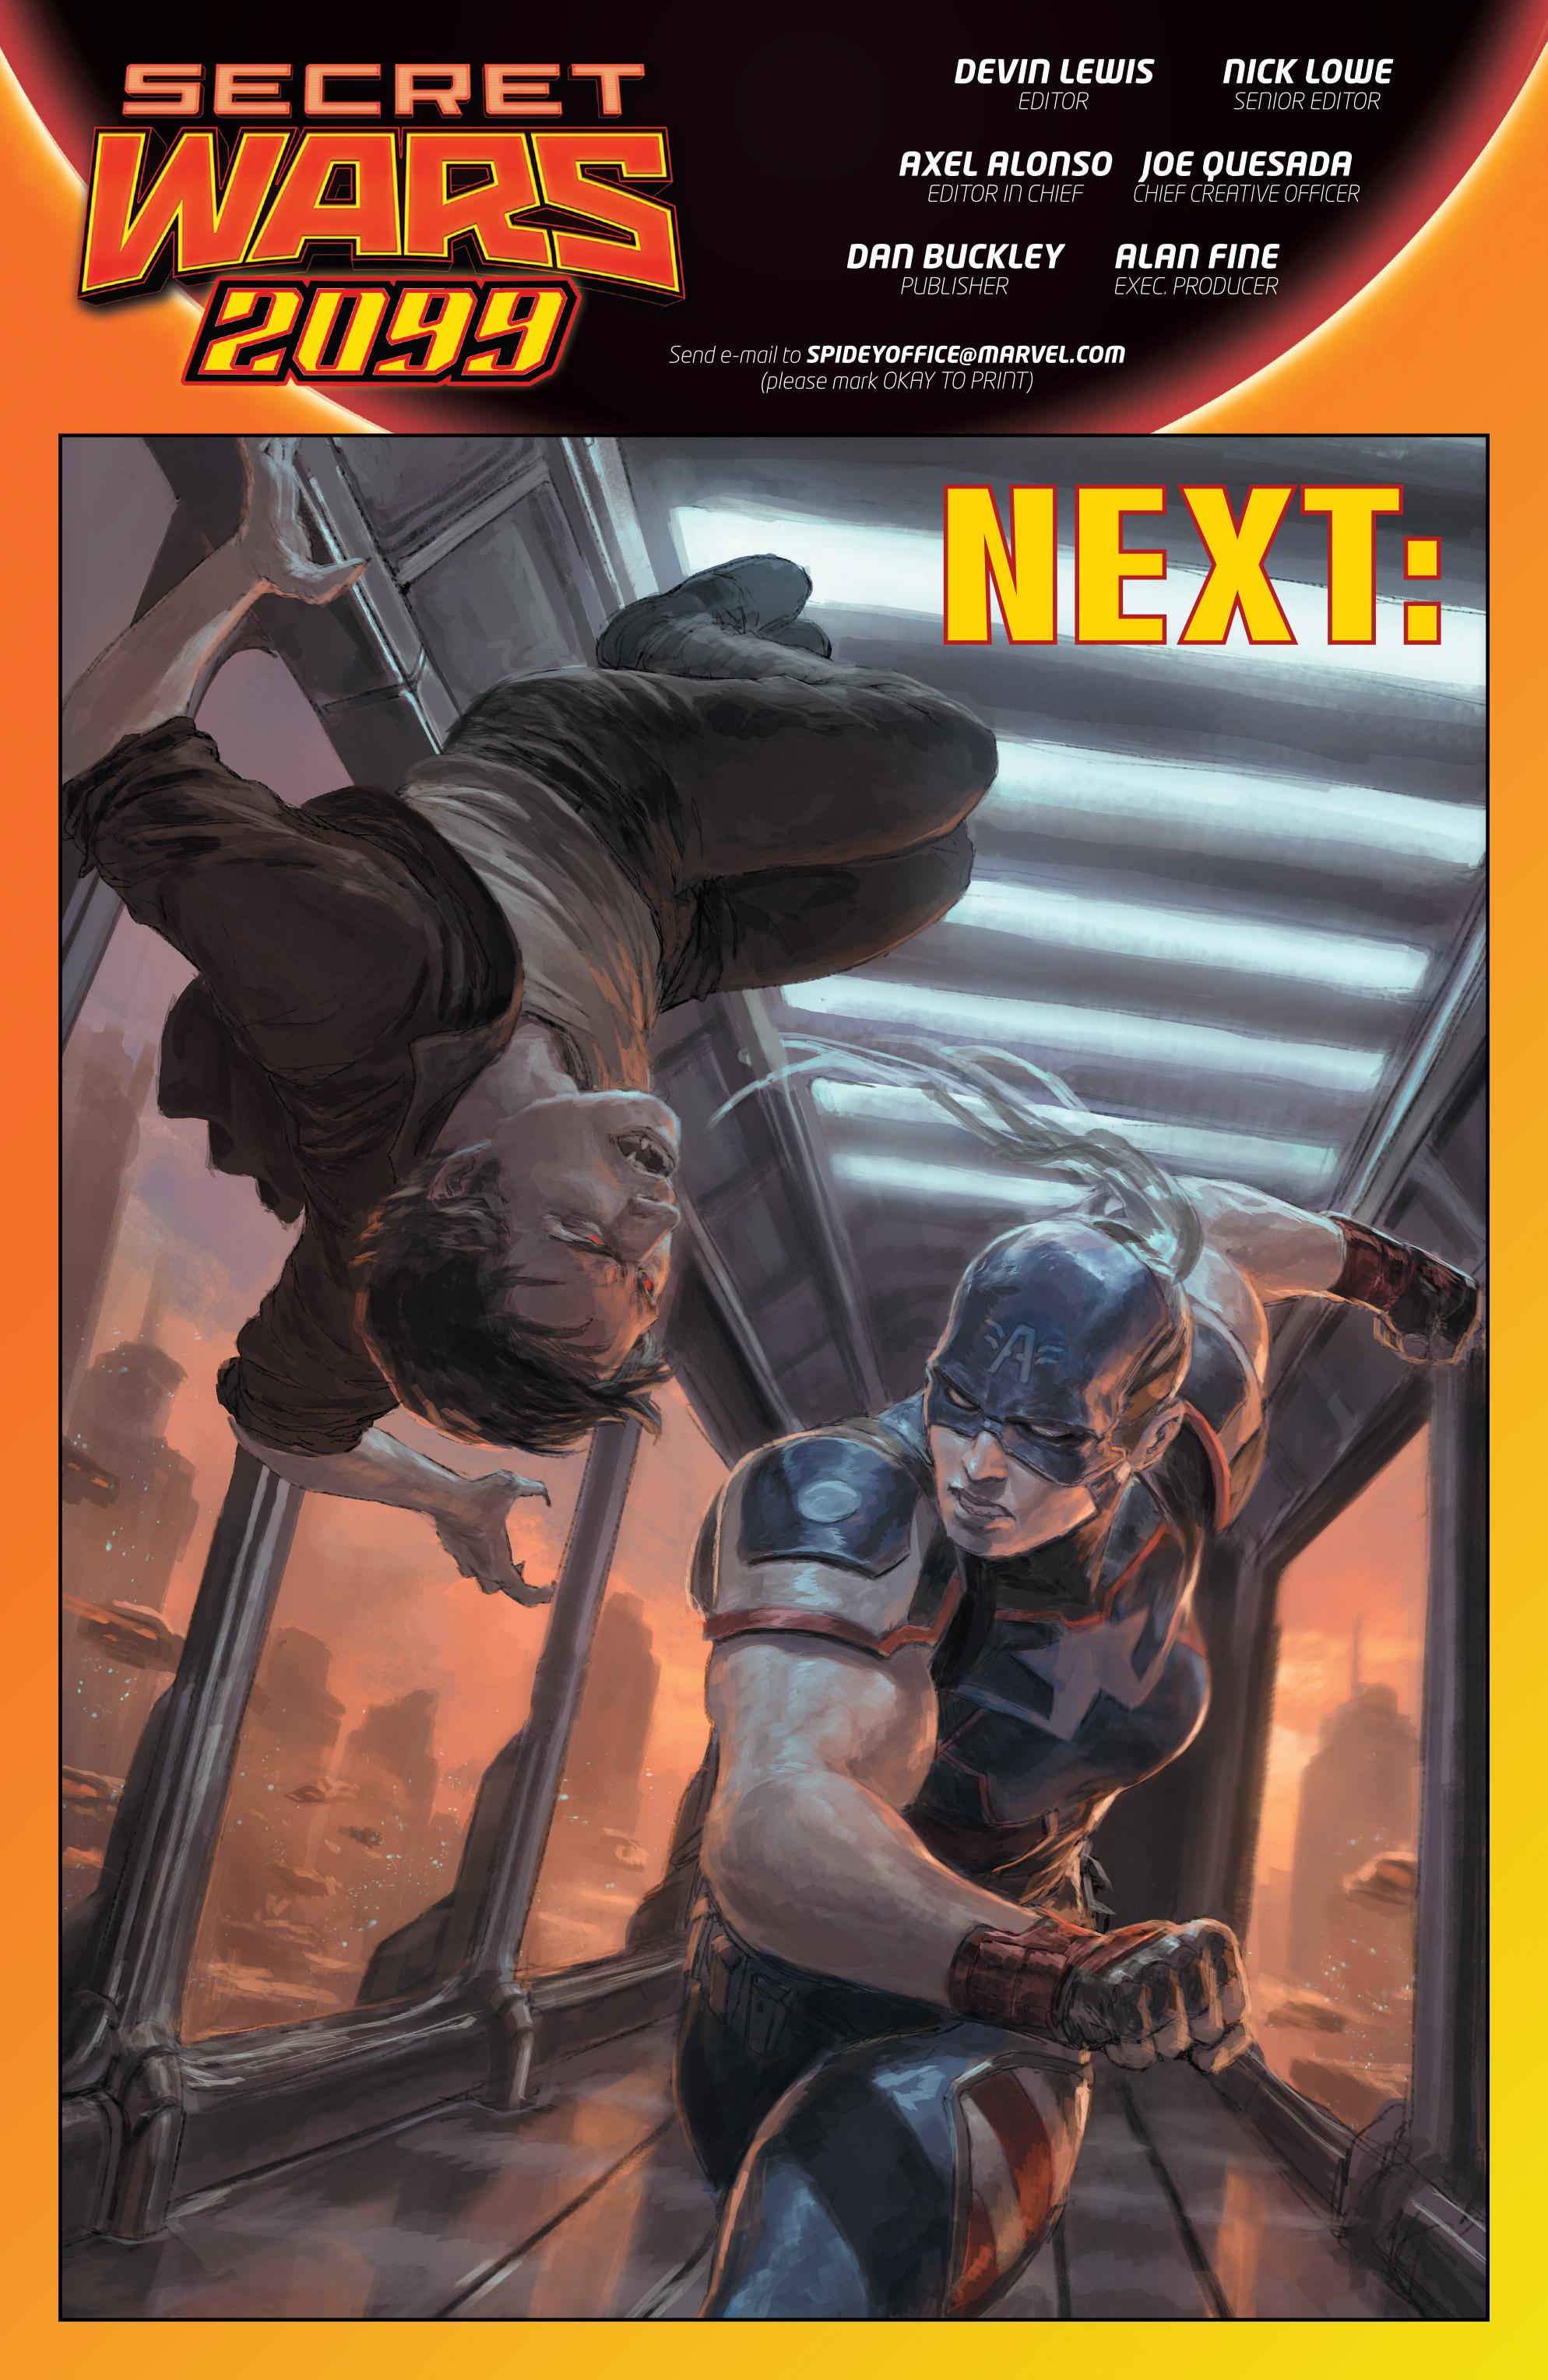 Read online Secret Wars 2099 comic -  Issue #3 - 23